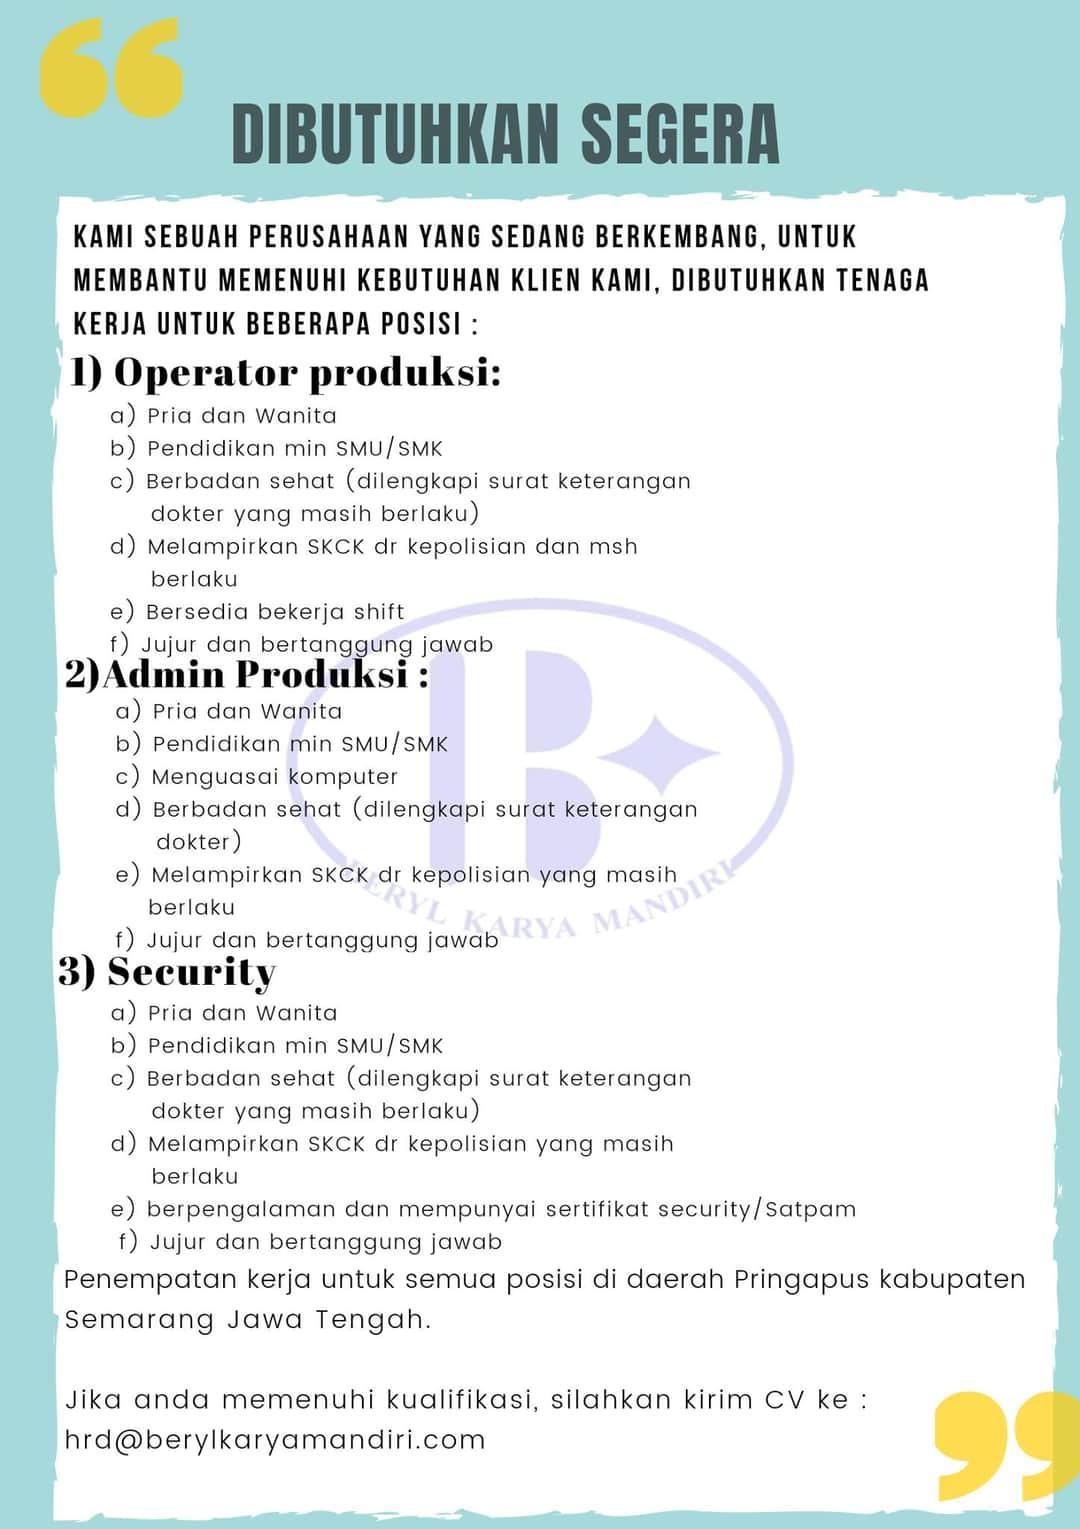 Lowongan Kerja Semarang Sebagai Operator Produksi, Admin Produksi & Security di Beryl Karya Mandiri Semarang